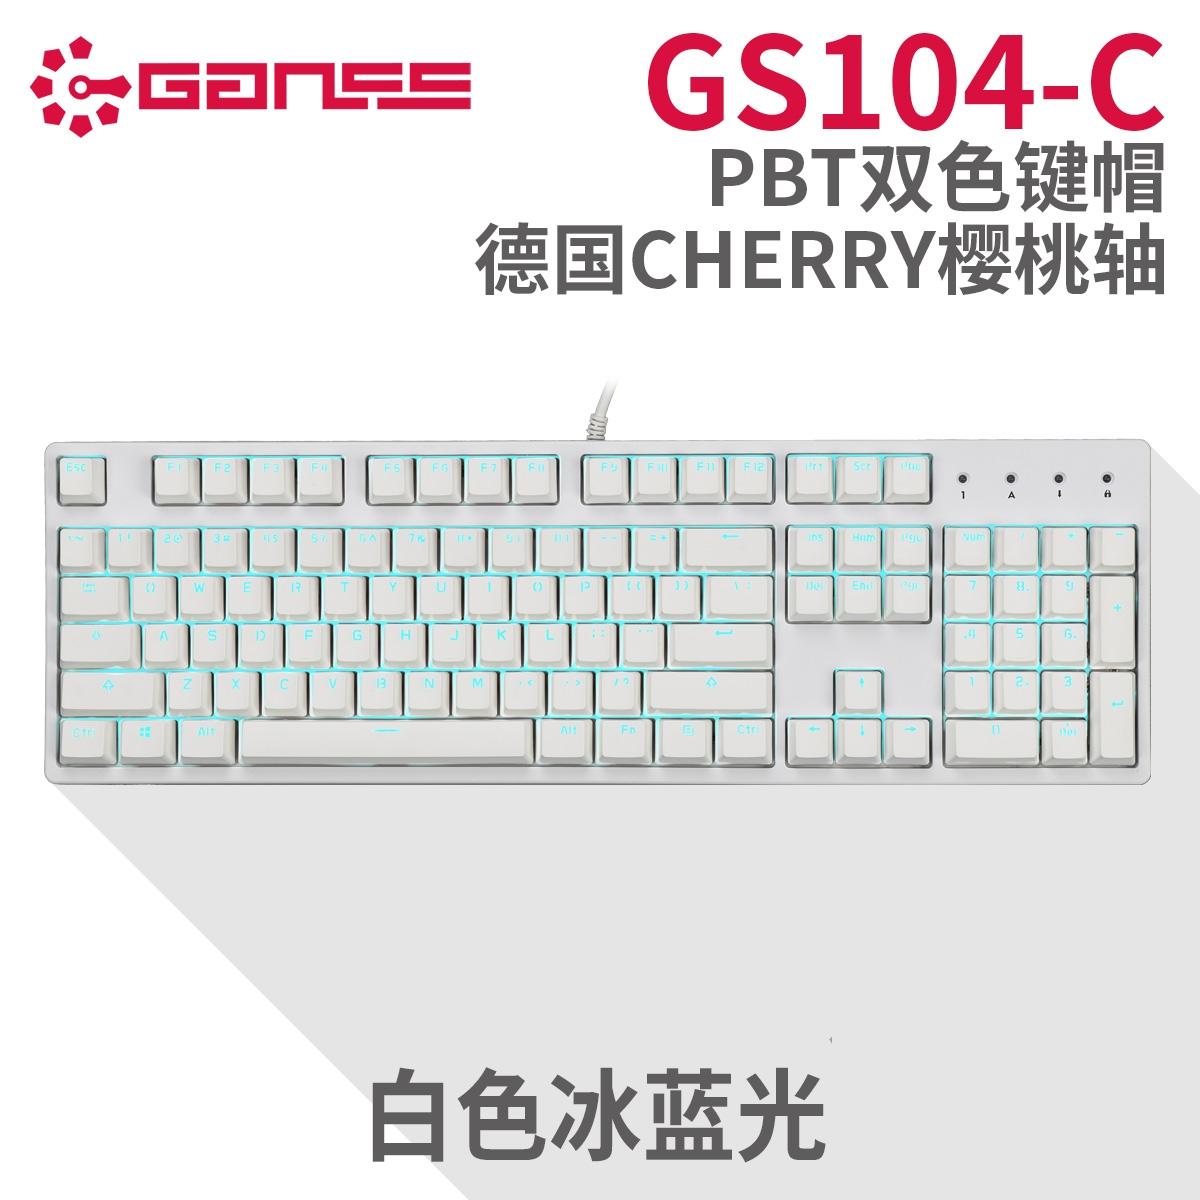 軸 cherry 鍵帽 PBT 有線背光機械鍵盤 GS104C GS87C 高斯 GANSS